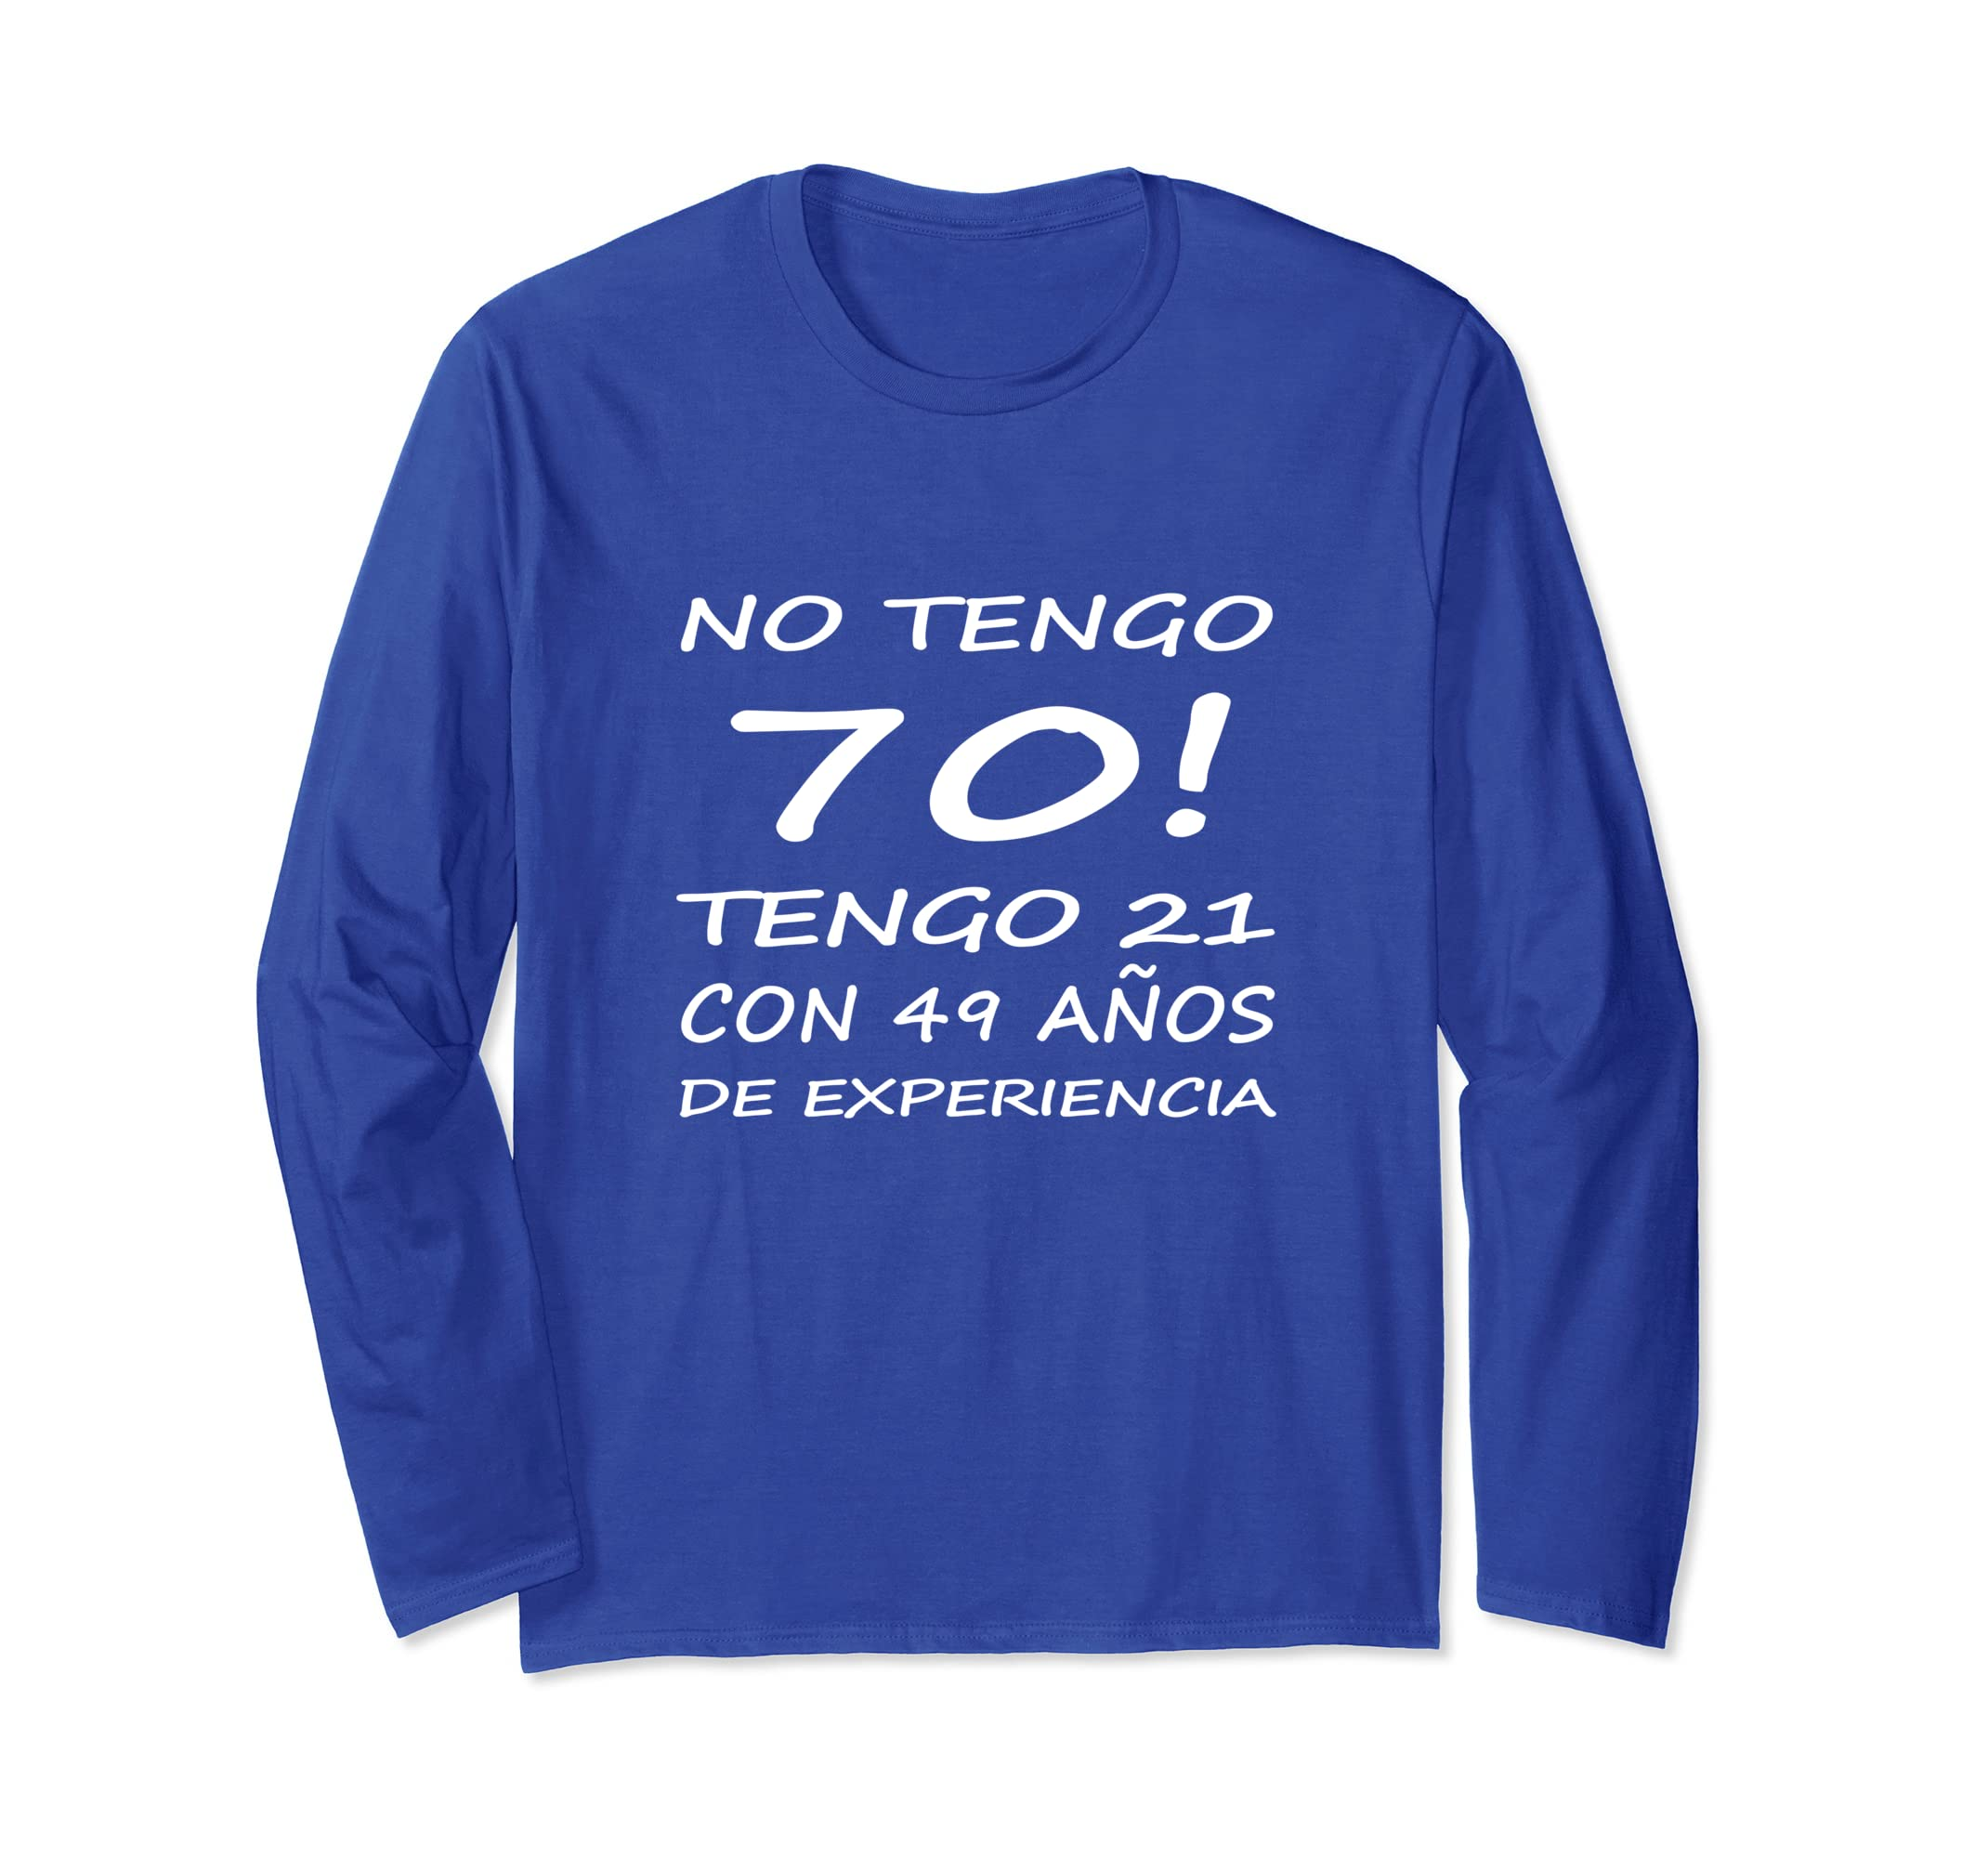 Amazon.com: Camiseta No Tengo 70 Tengo 21 1949 Cumpleanos 70 ...